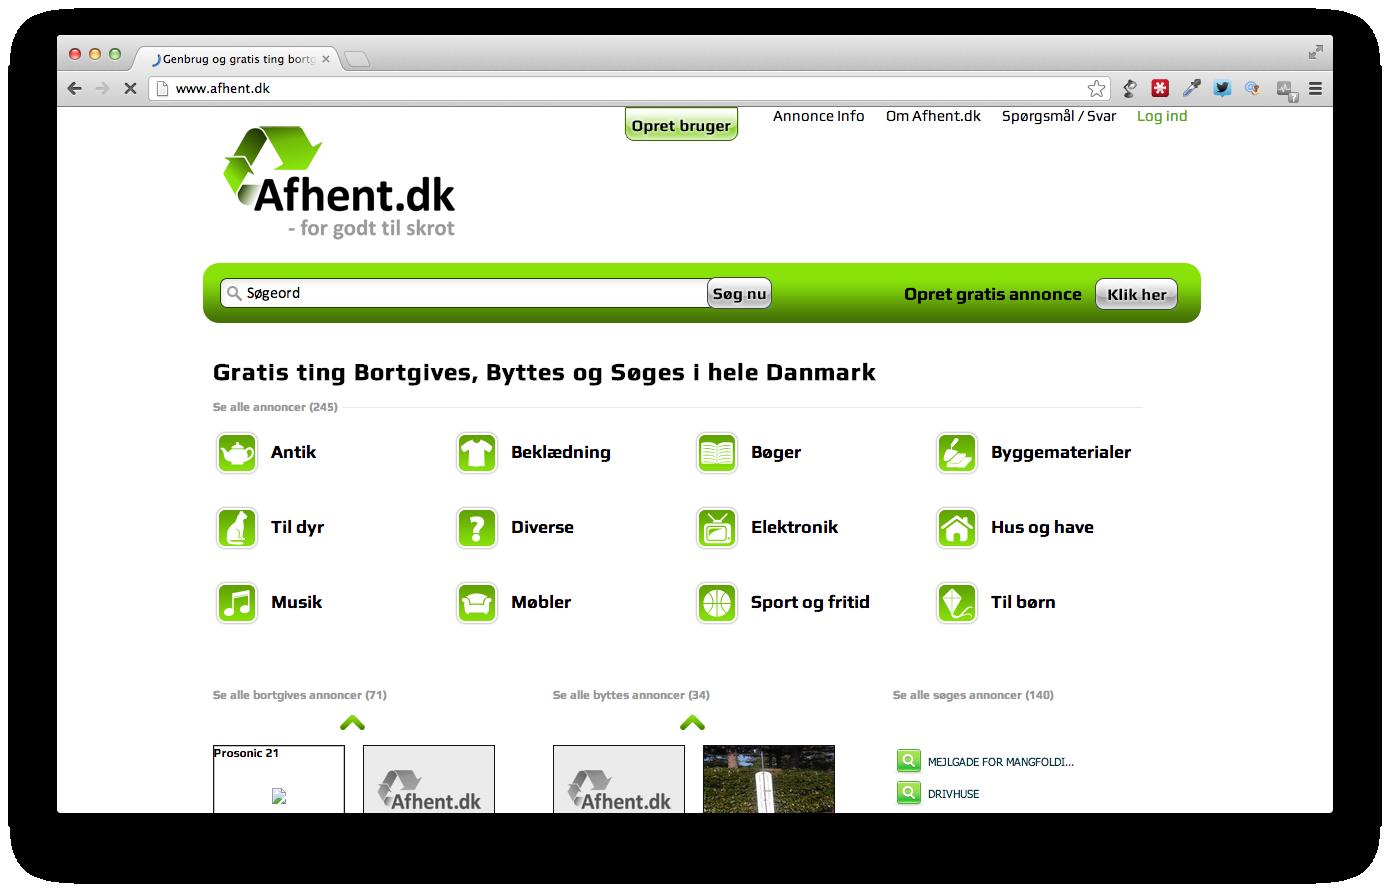 Afhent.dk – for godt til skrot!